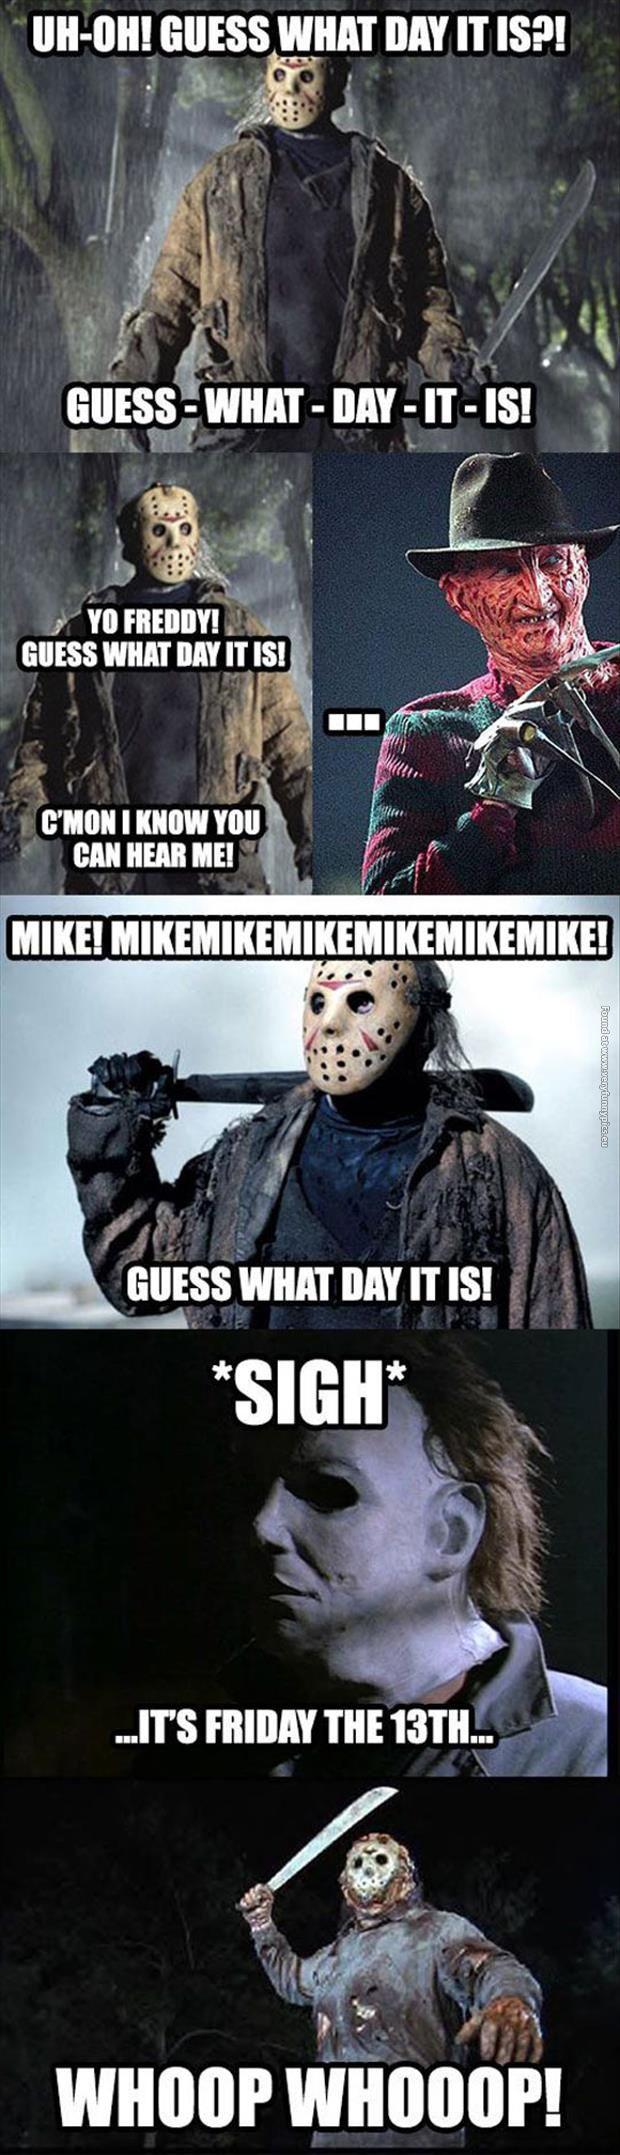 308 best horror fans unite images on Pinterest   Horror art, Scary ...